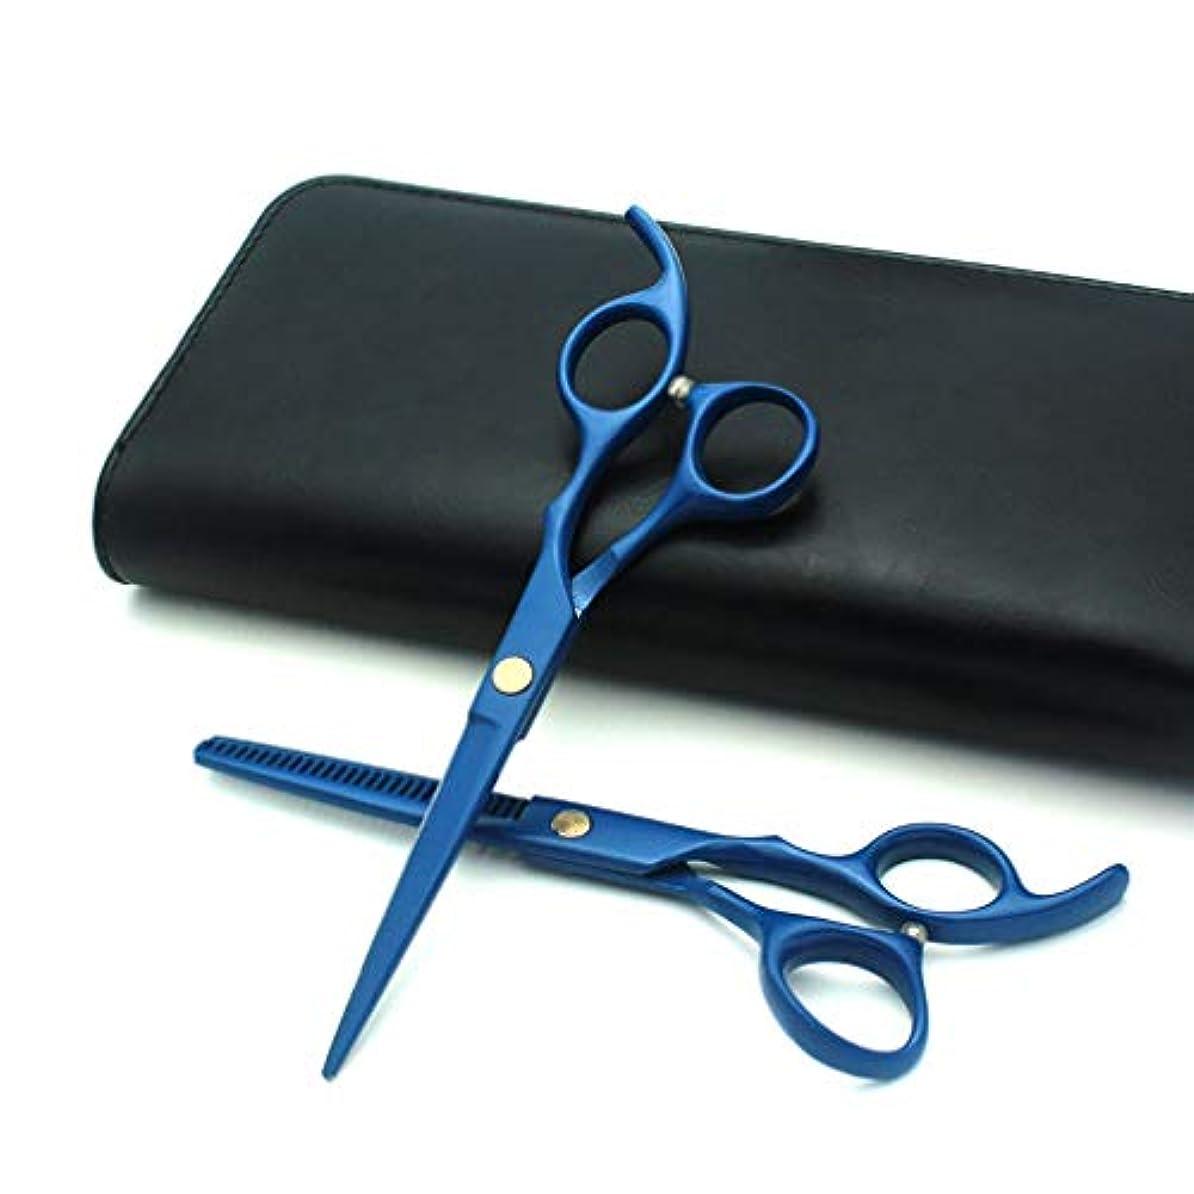 モデレータ損失批判間伐のための5.5インチの理髪はさみ、大広間、理髪師または家の使用のための専門の毛のはさみそして理髪のはさみのはさみ,Blue